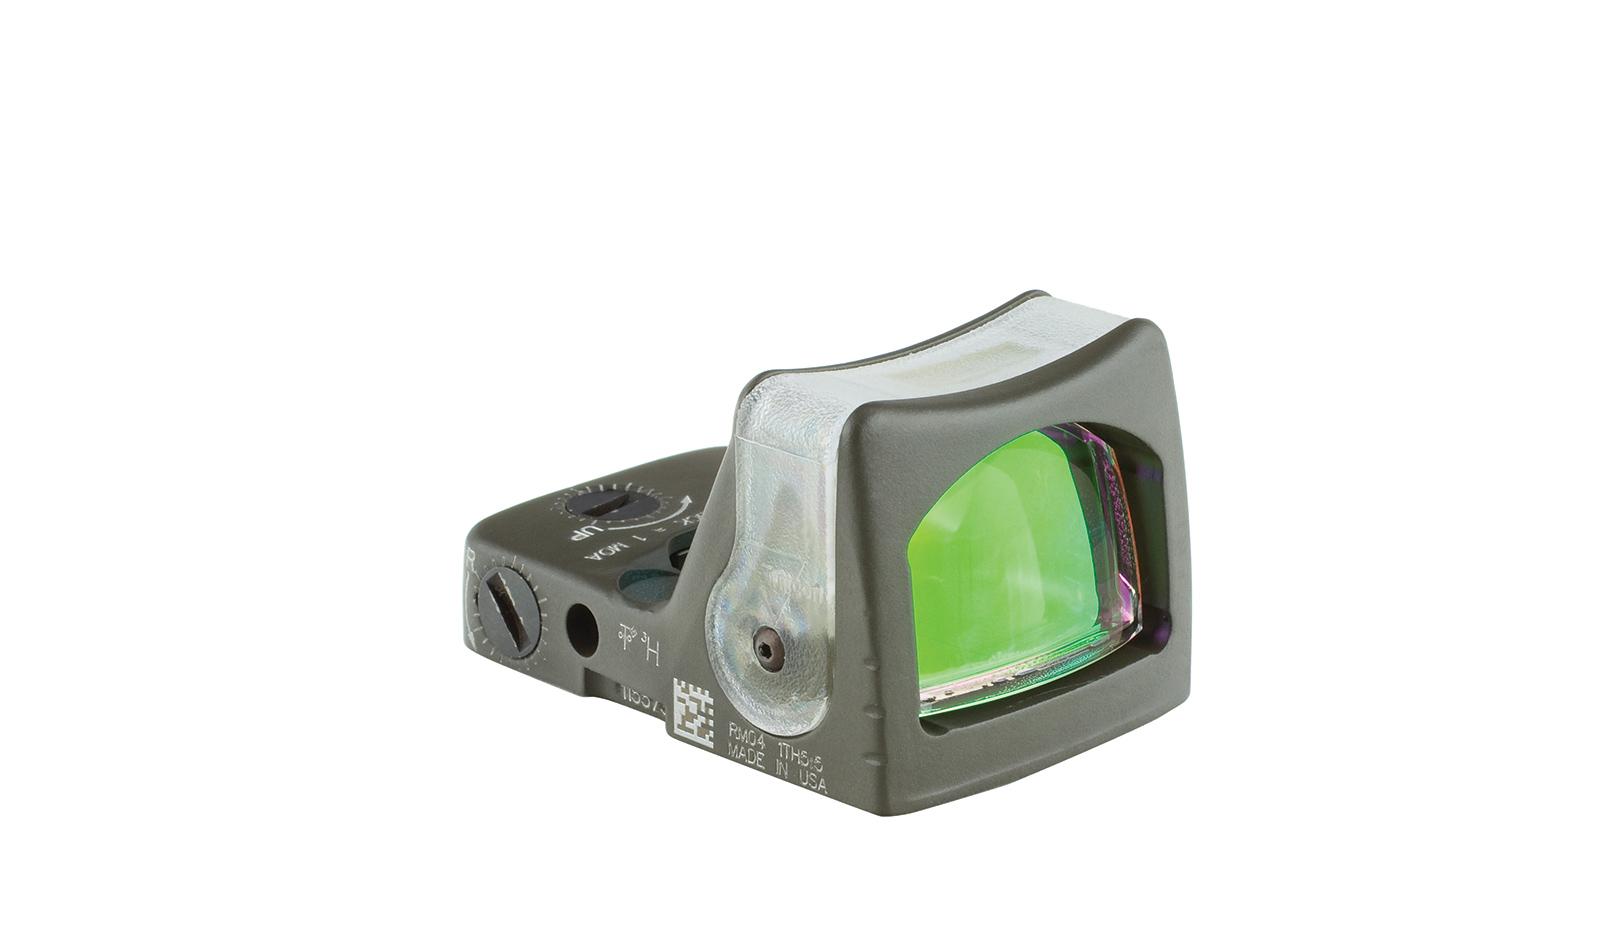 RM08-C-700257 angle 7